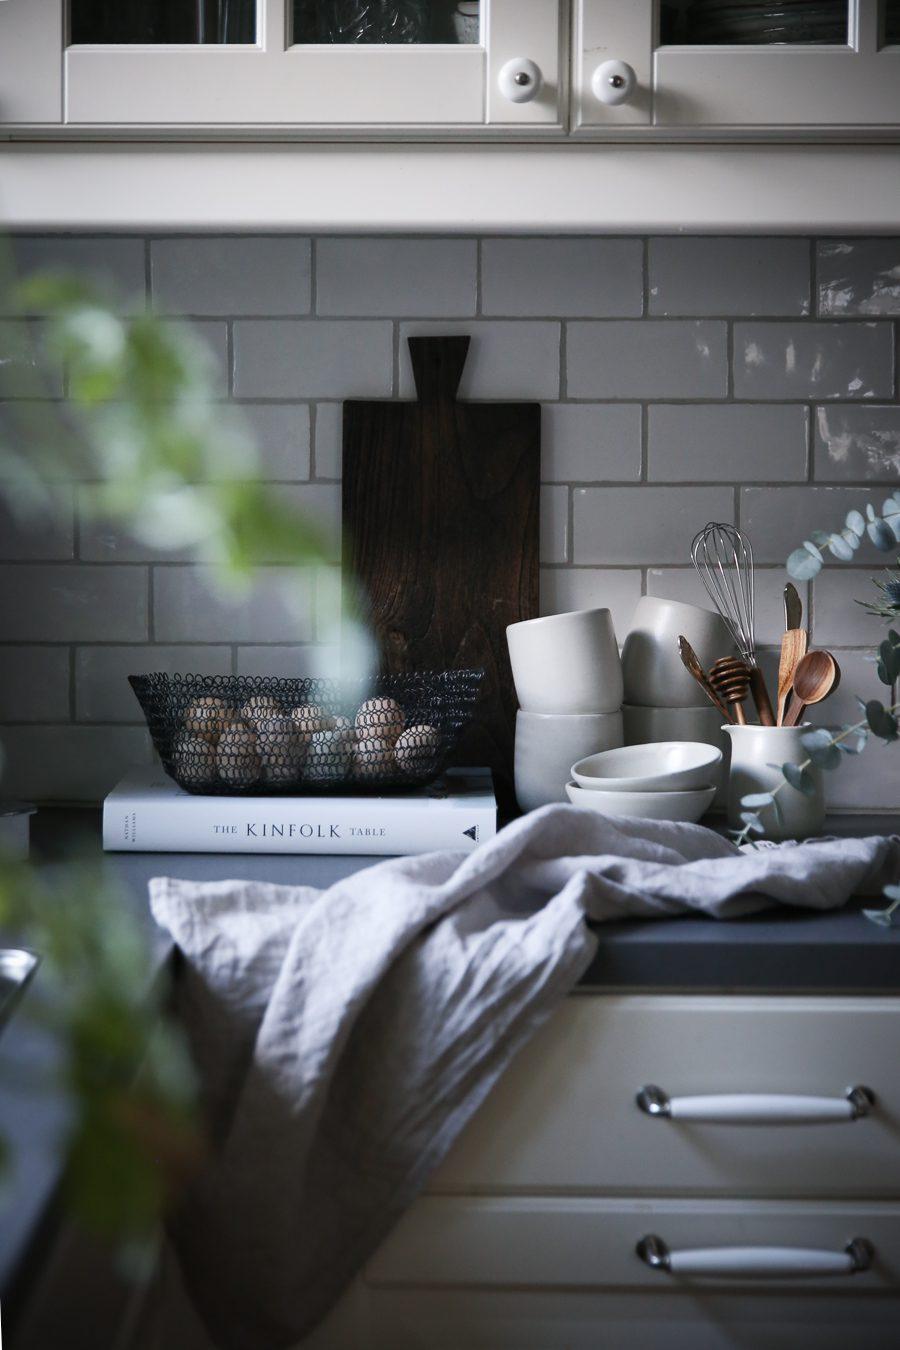 viktoria.holmgren.lovely.life.old.ikea.kitchen